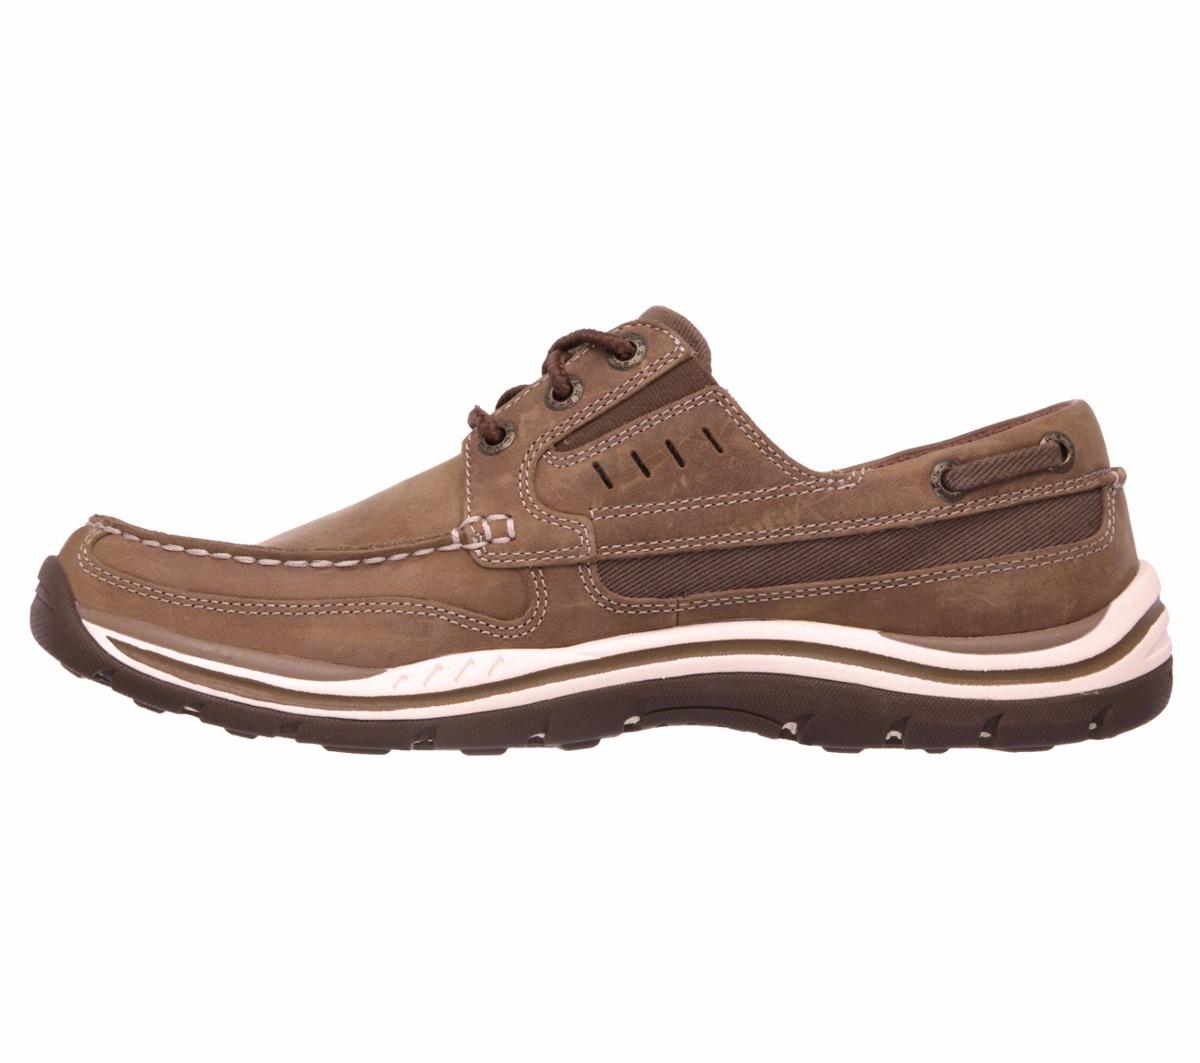 Skechers Zapato Casual Memory Foam Medida 8 8.5 Mexico